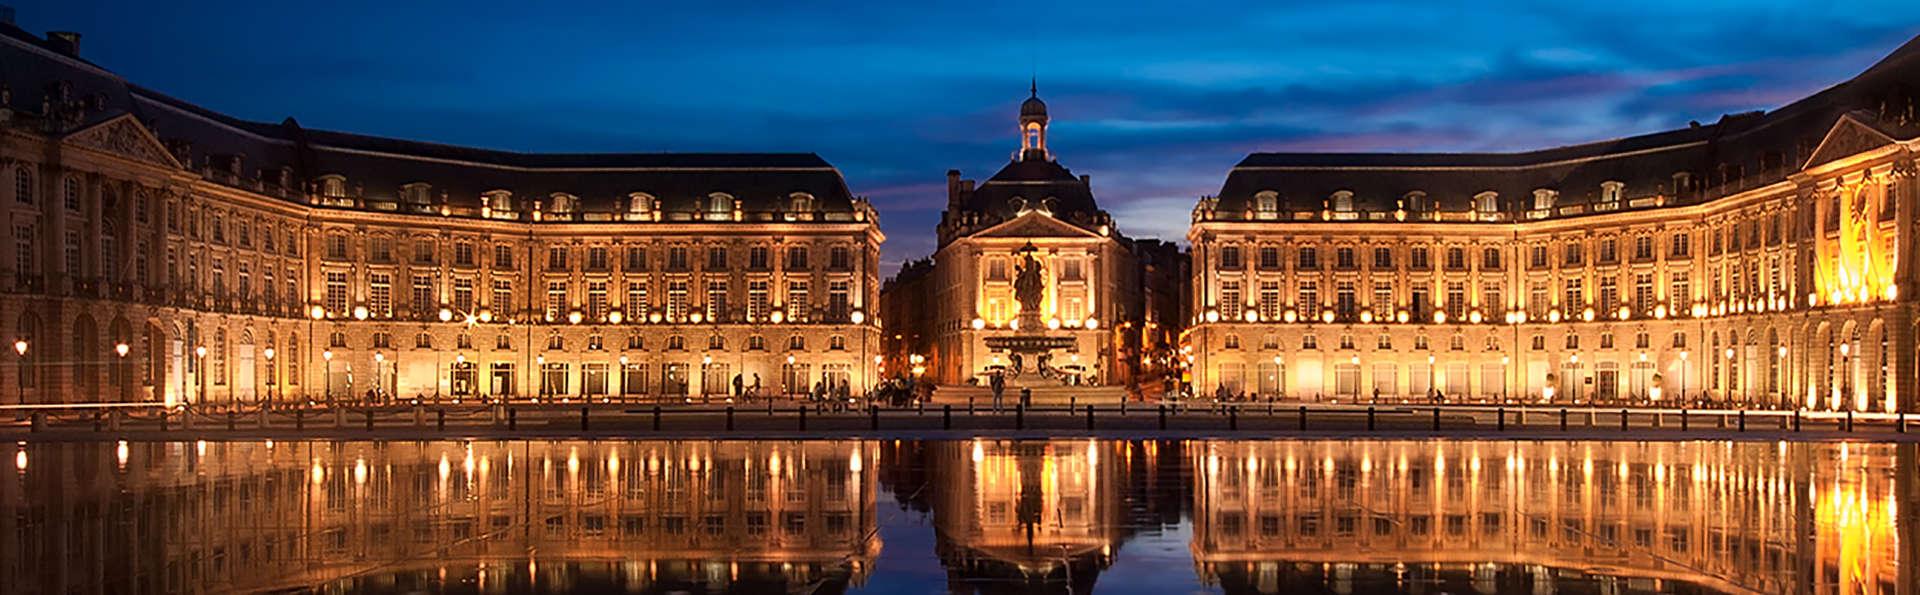 Citytrip historique et gourmand au coeur de Bordeaux